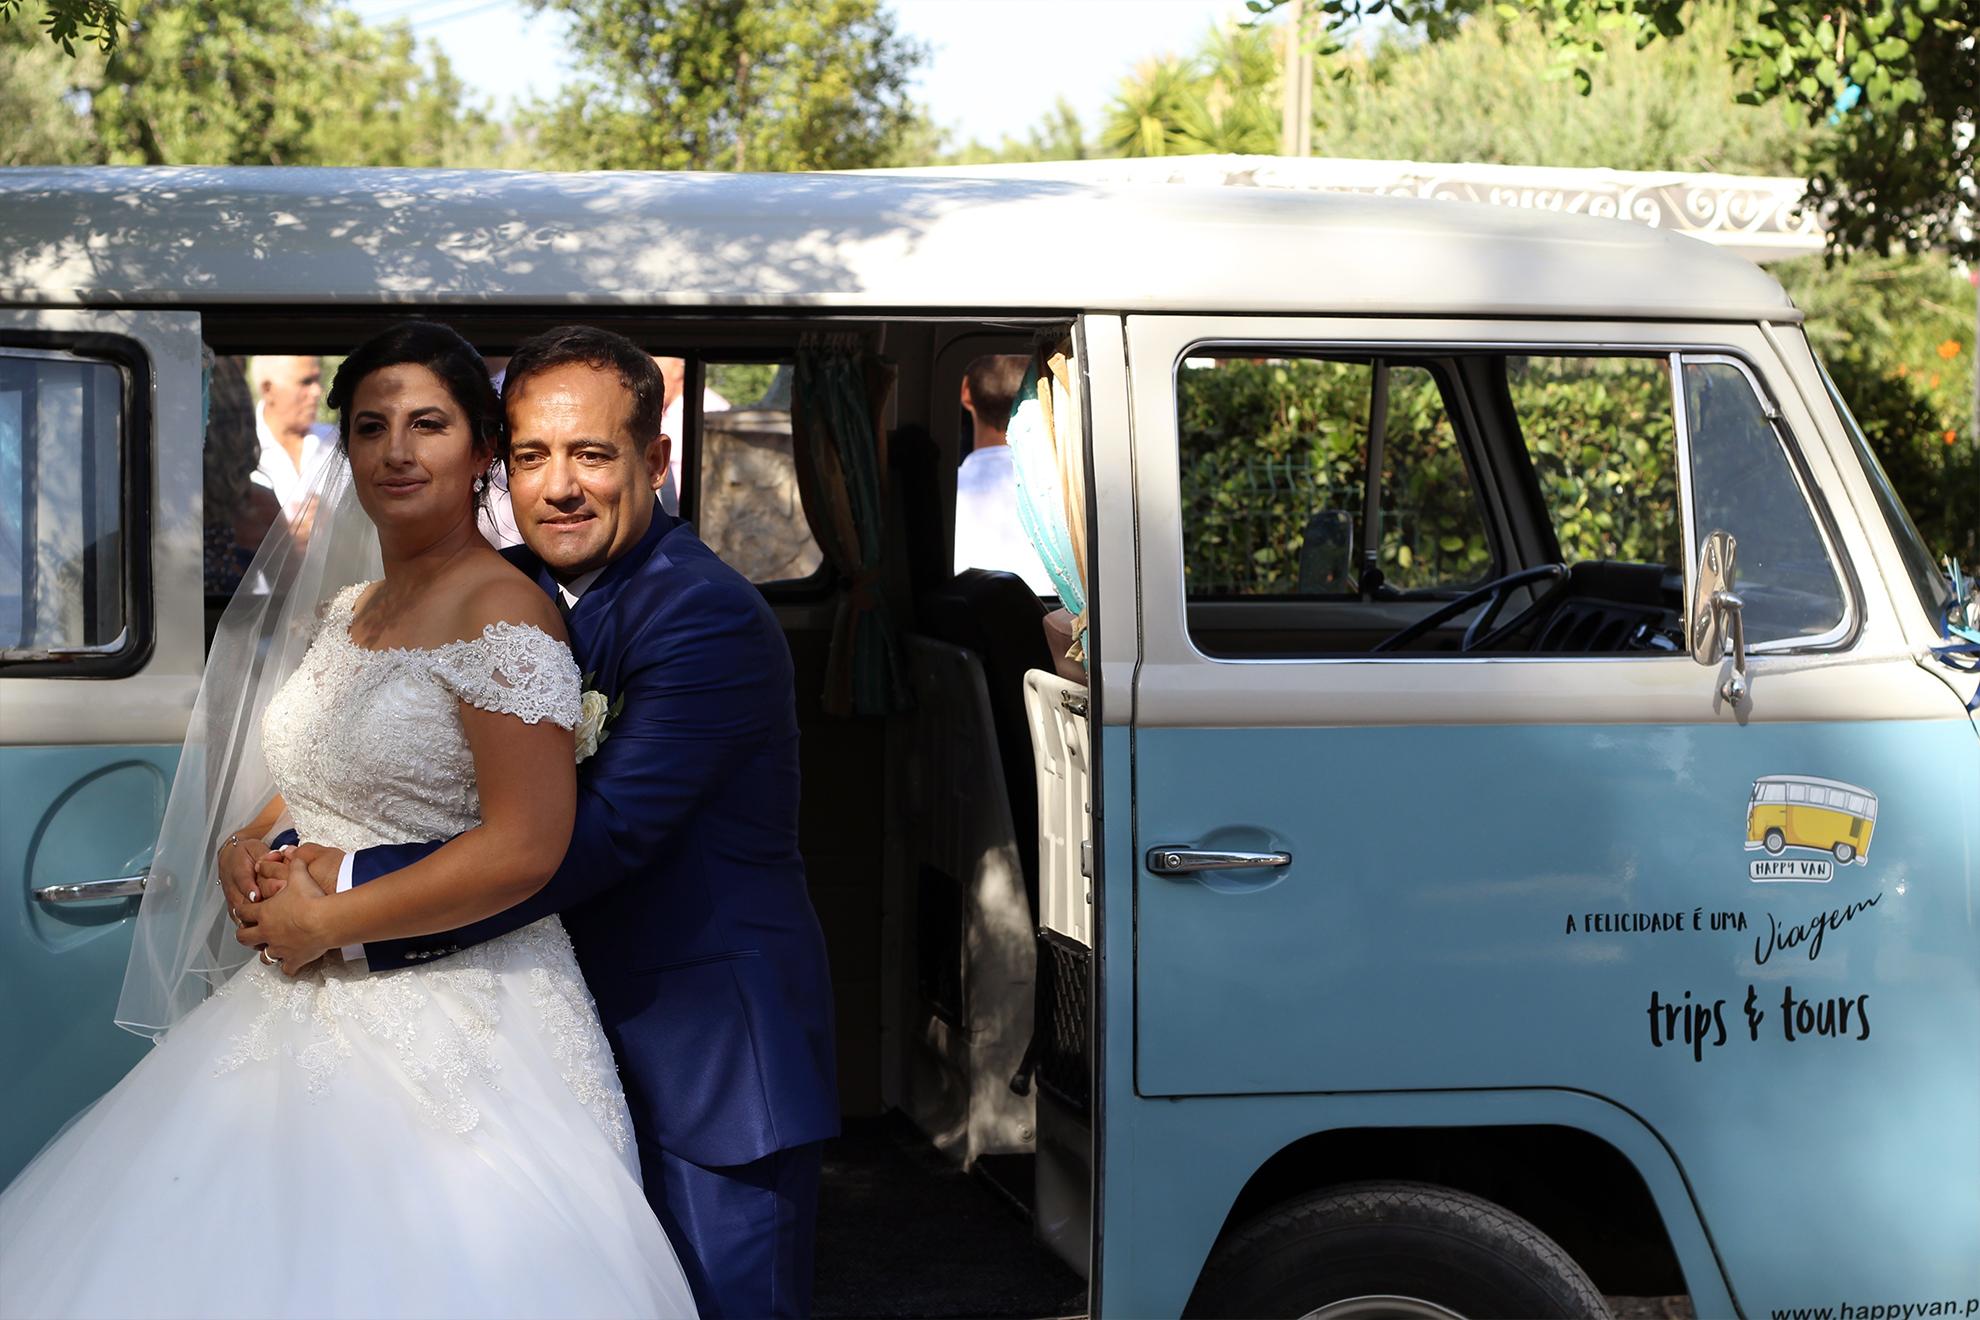 Wedding_trip_algarve